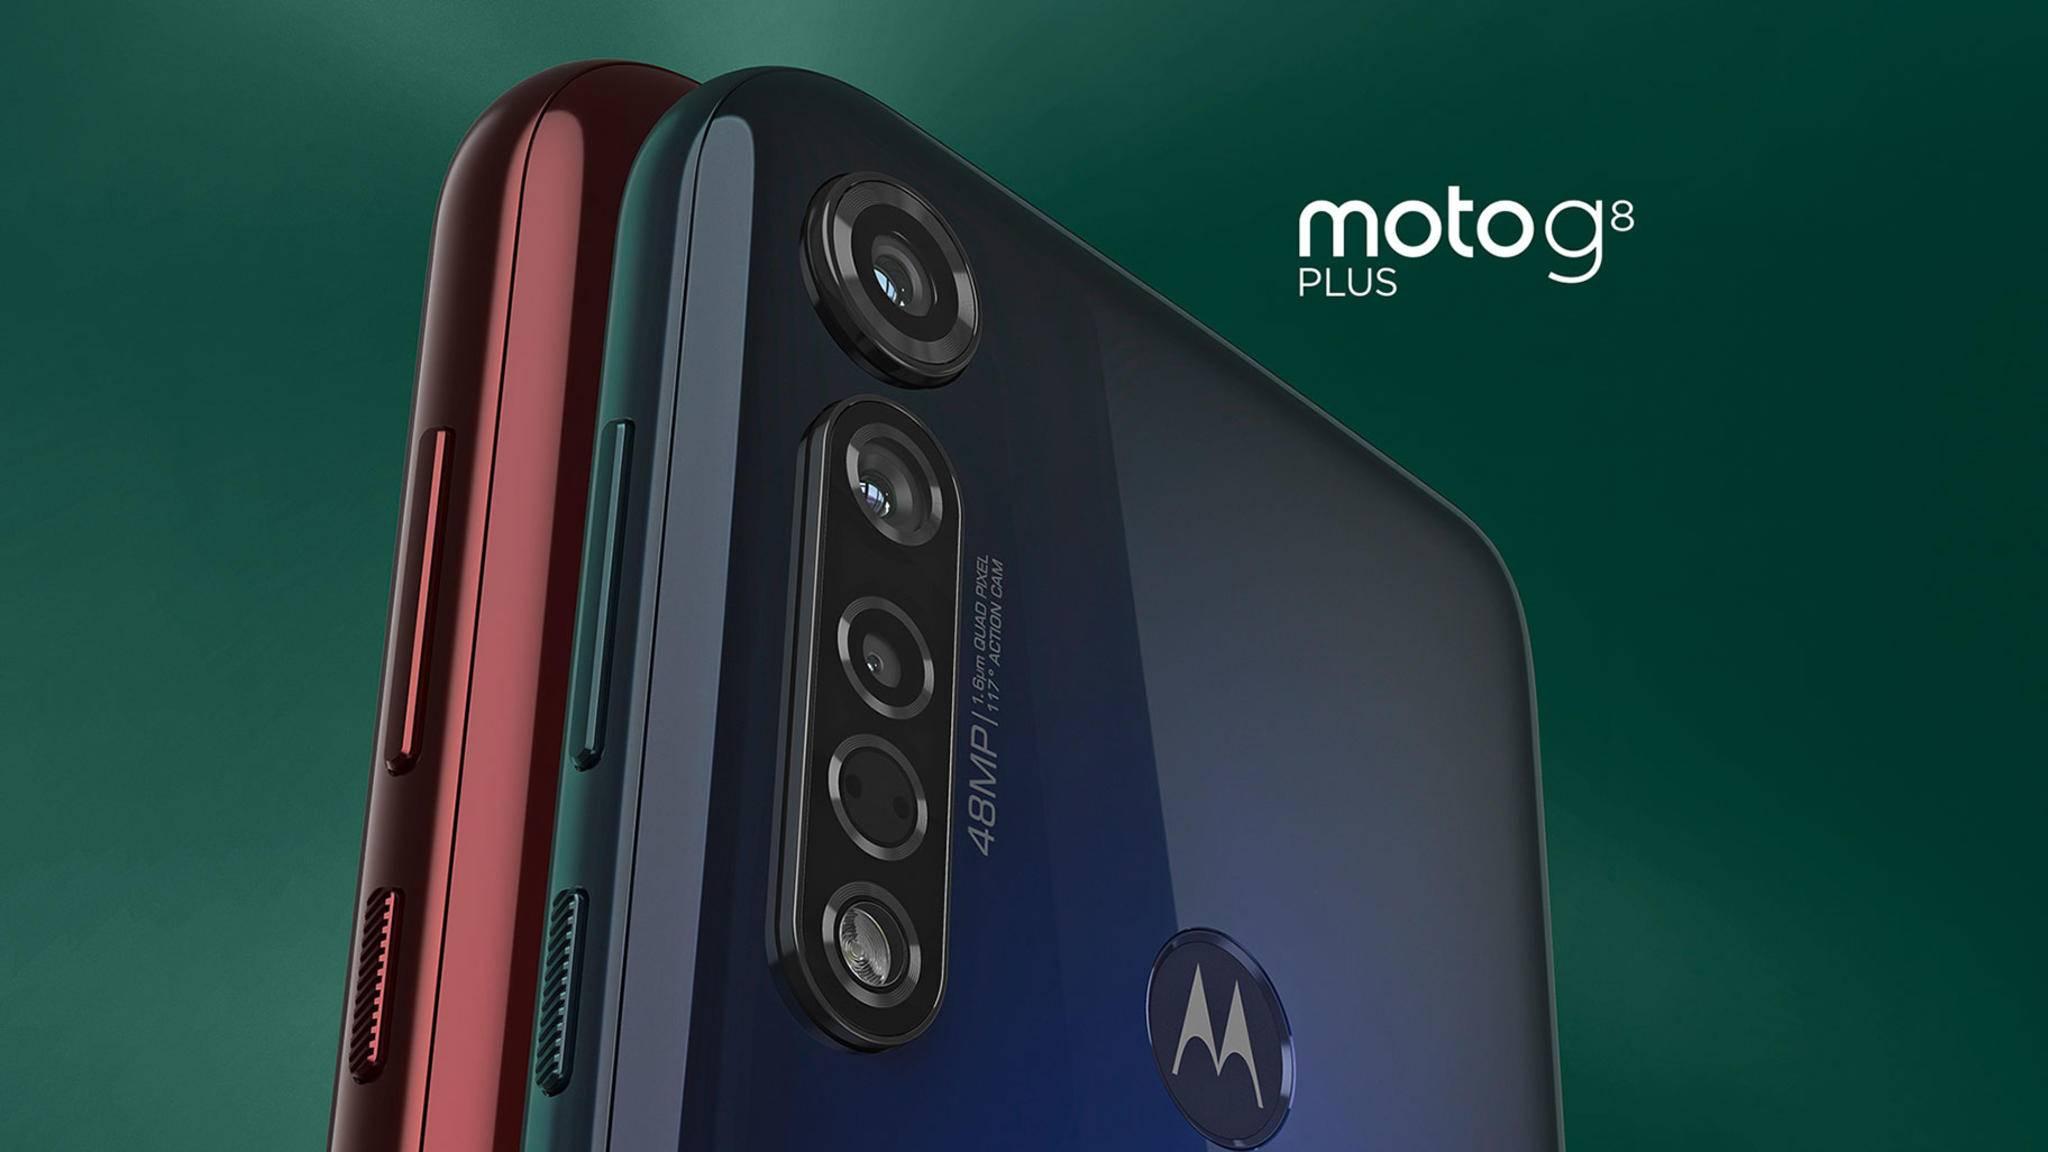 moto-g8-plus